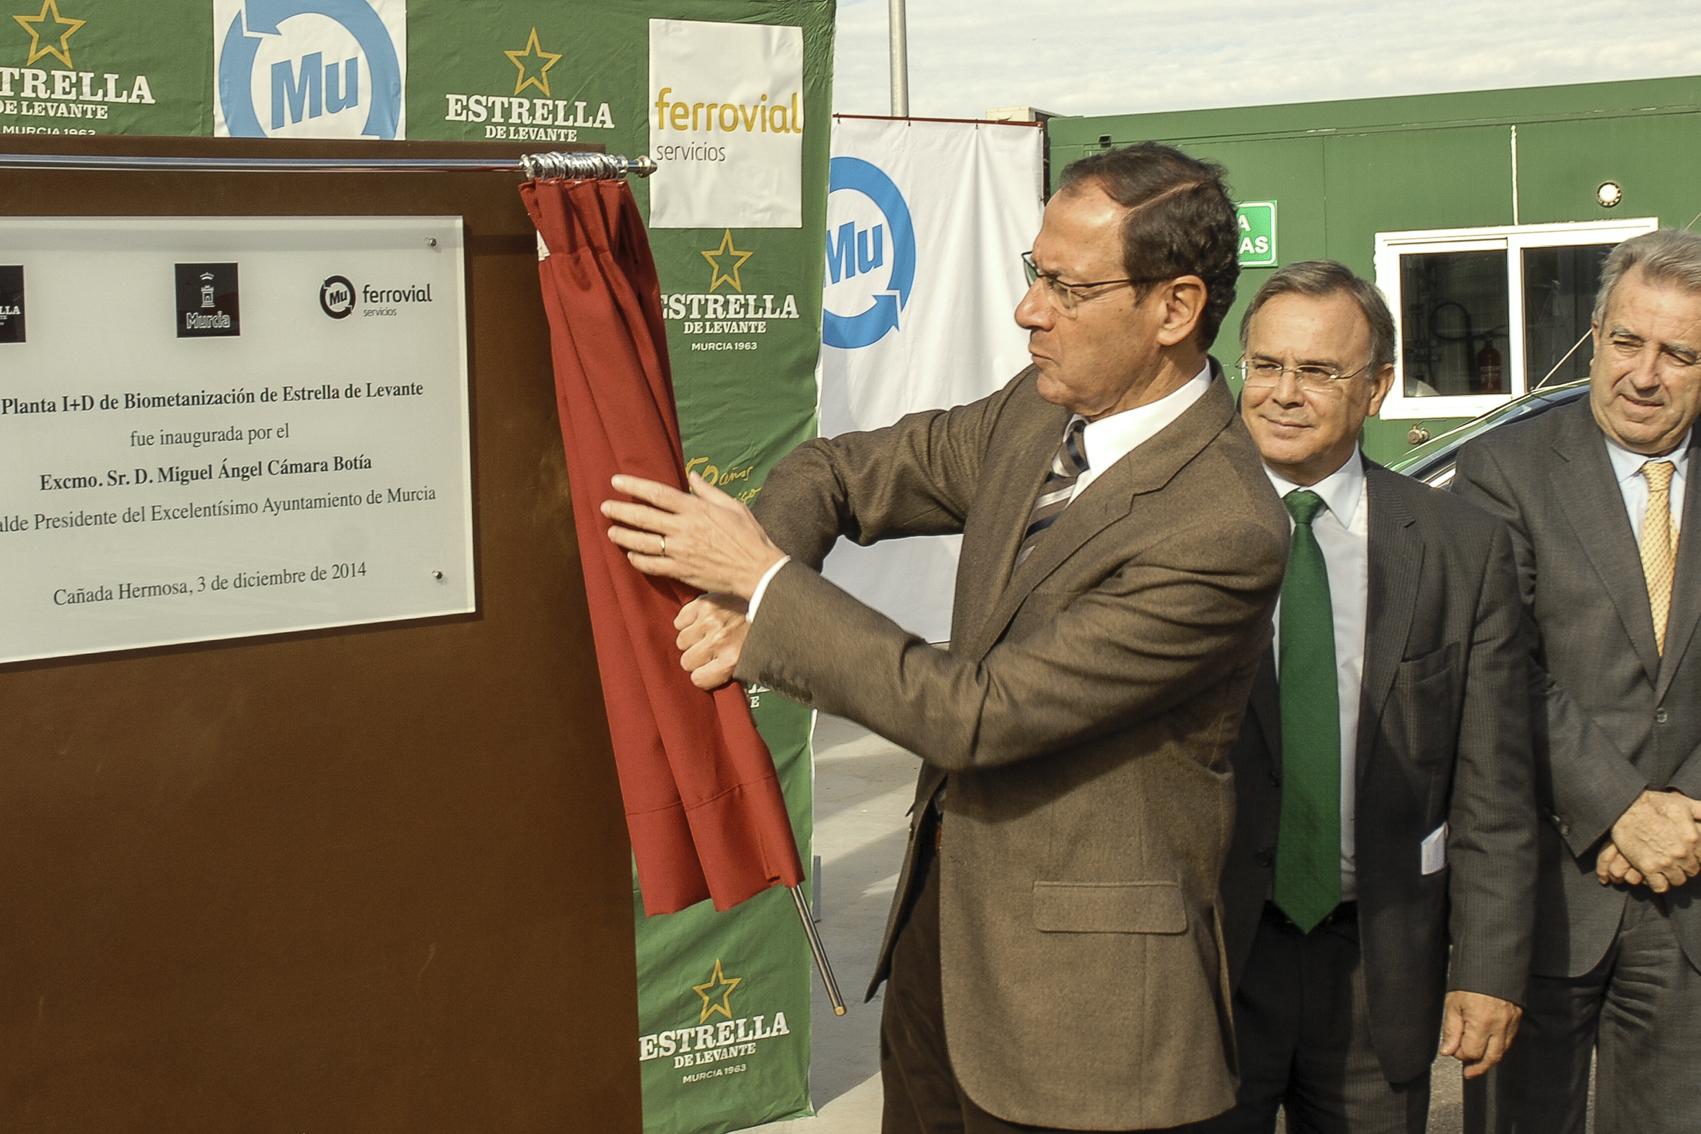 descubrimiento-placa-inauguración-de-la-planta-de-Biometanización-de-Estrella-de-Levante